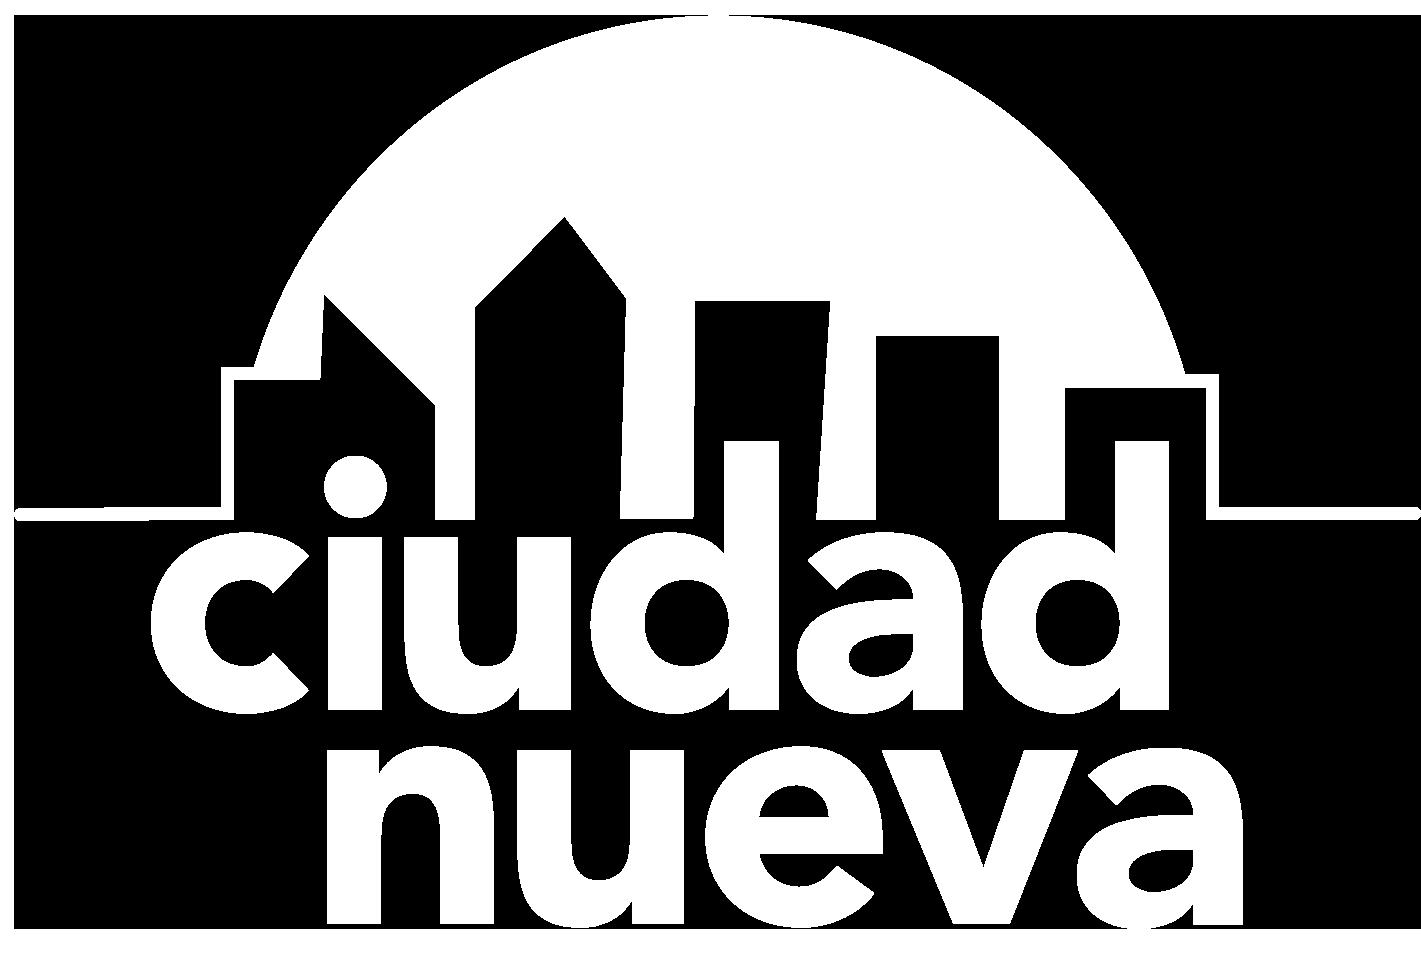 ciudad nueva logo